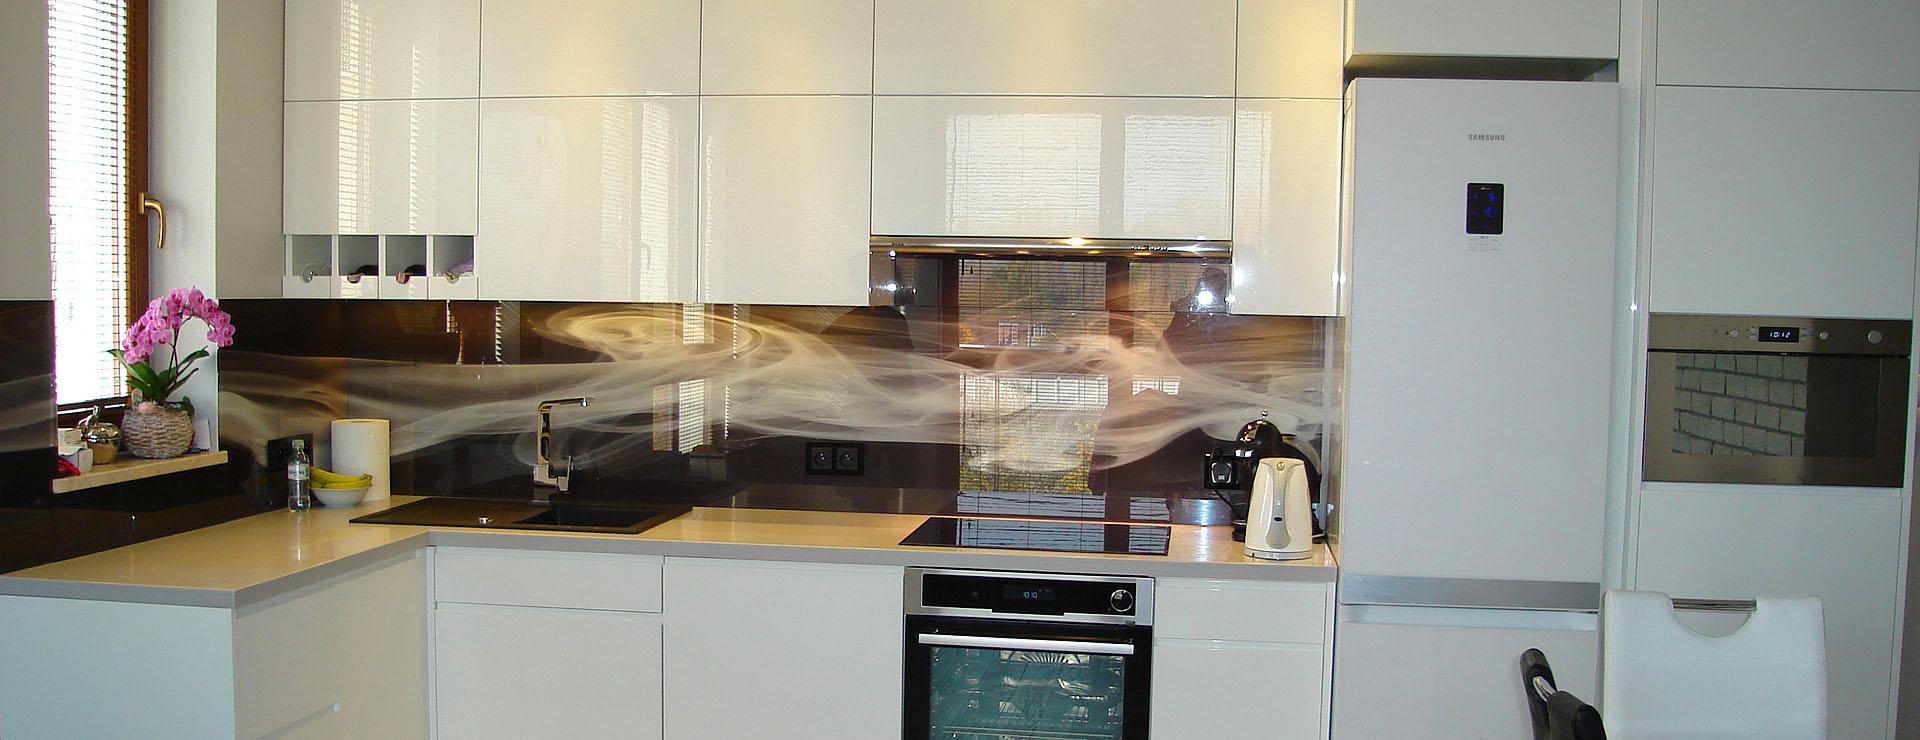 kuchnie nowoczesne